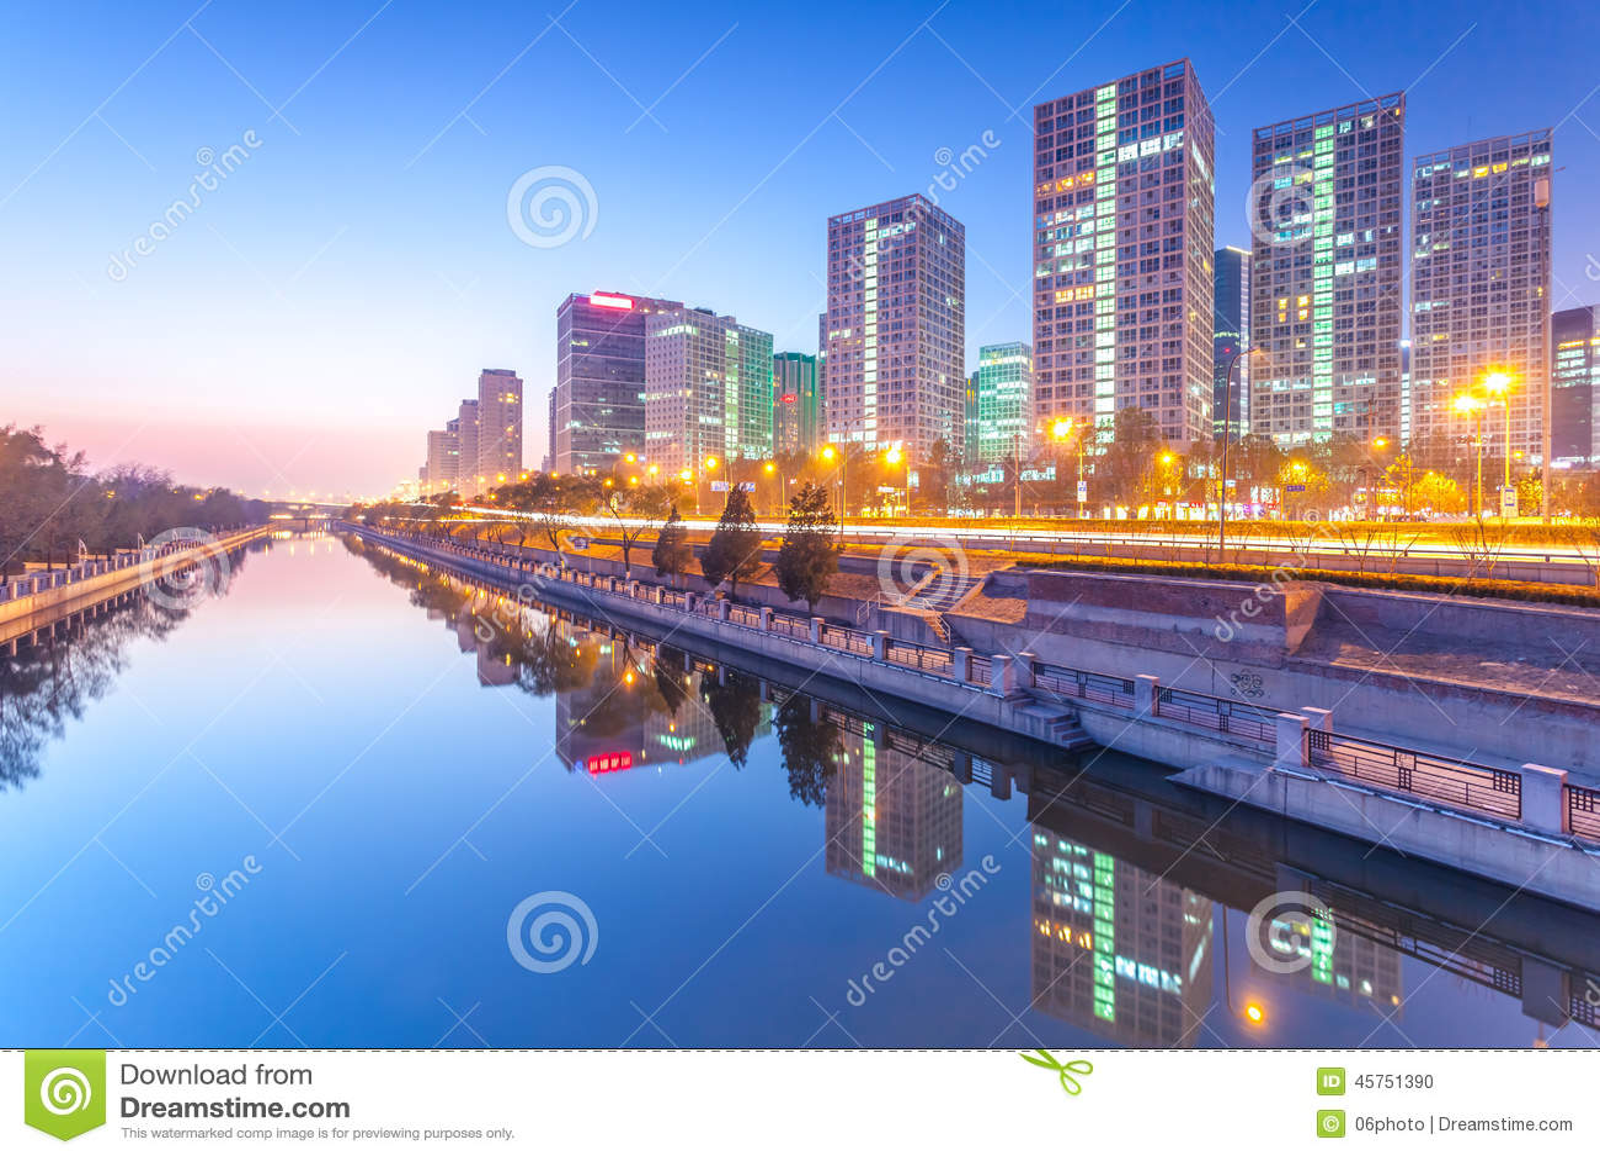 Edifici per uffici a Pechino del centro al tramonto tim